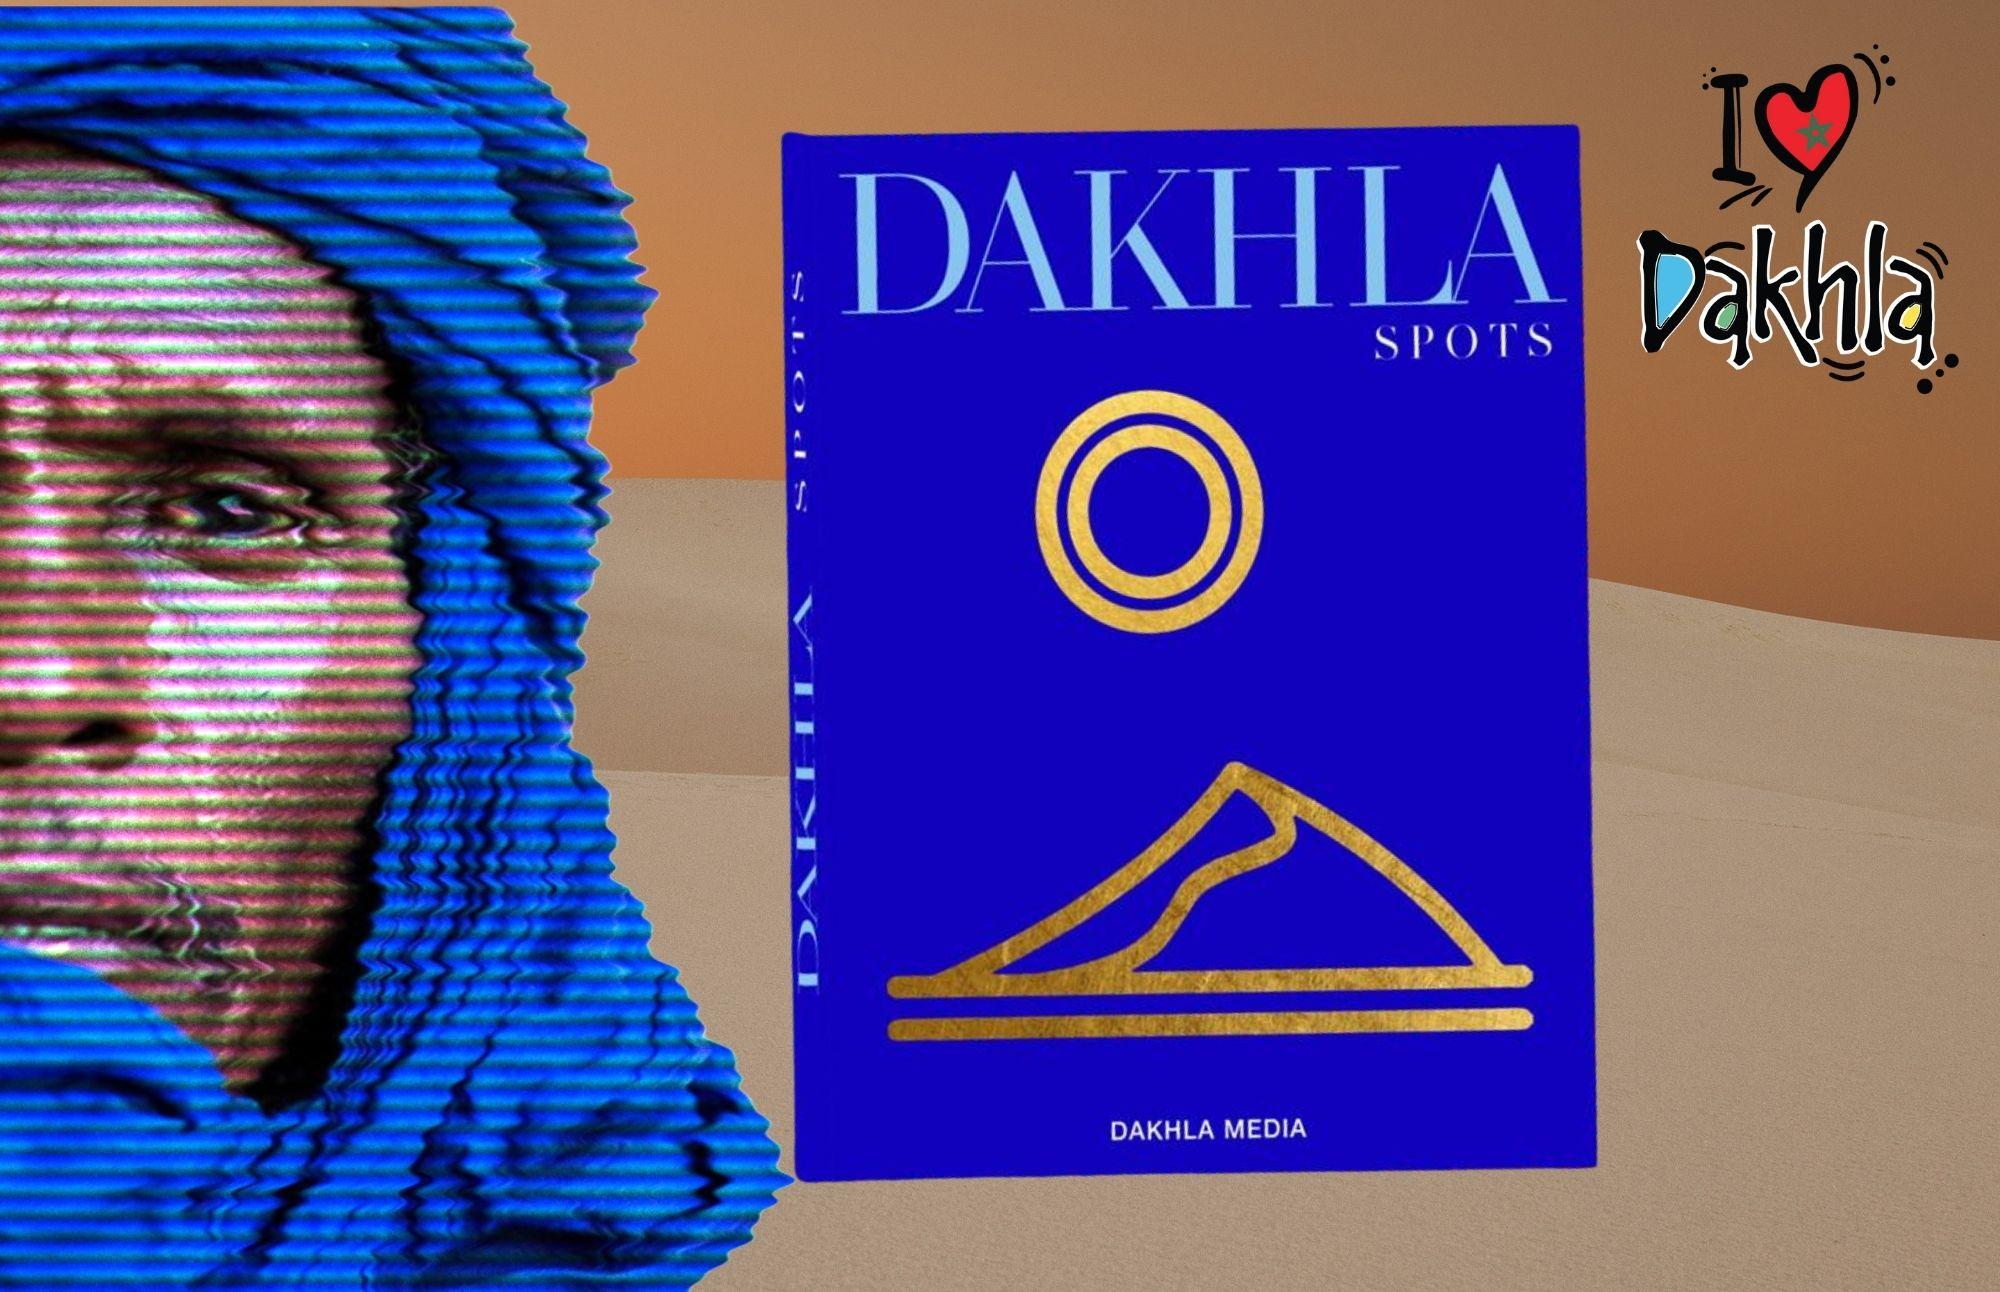 « Dakhla Spots », le livre-évènement de cette rentrée